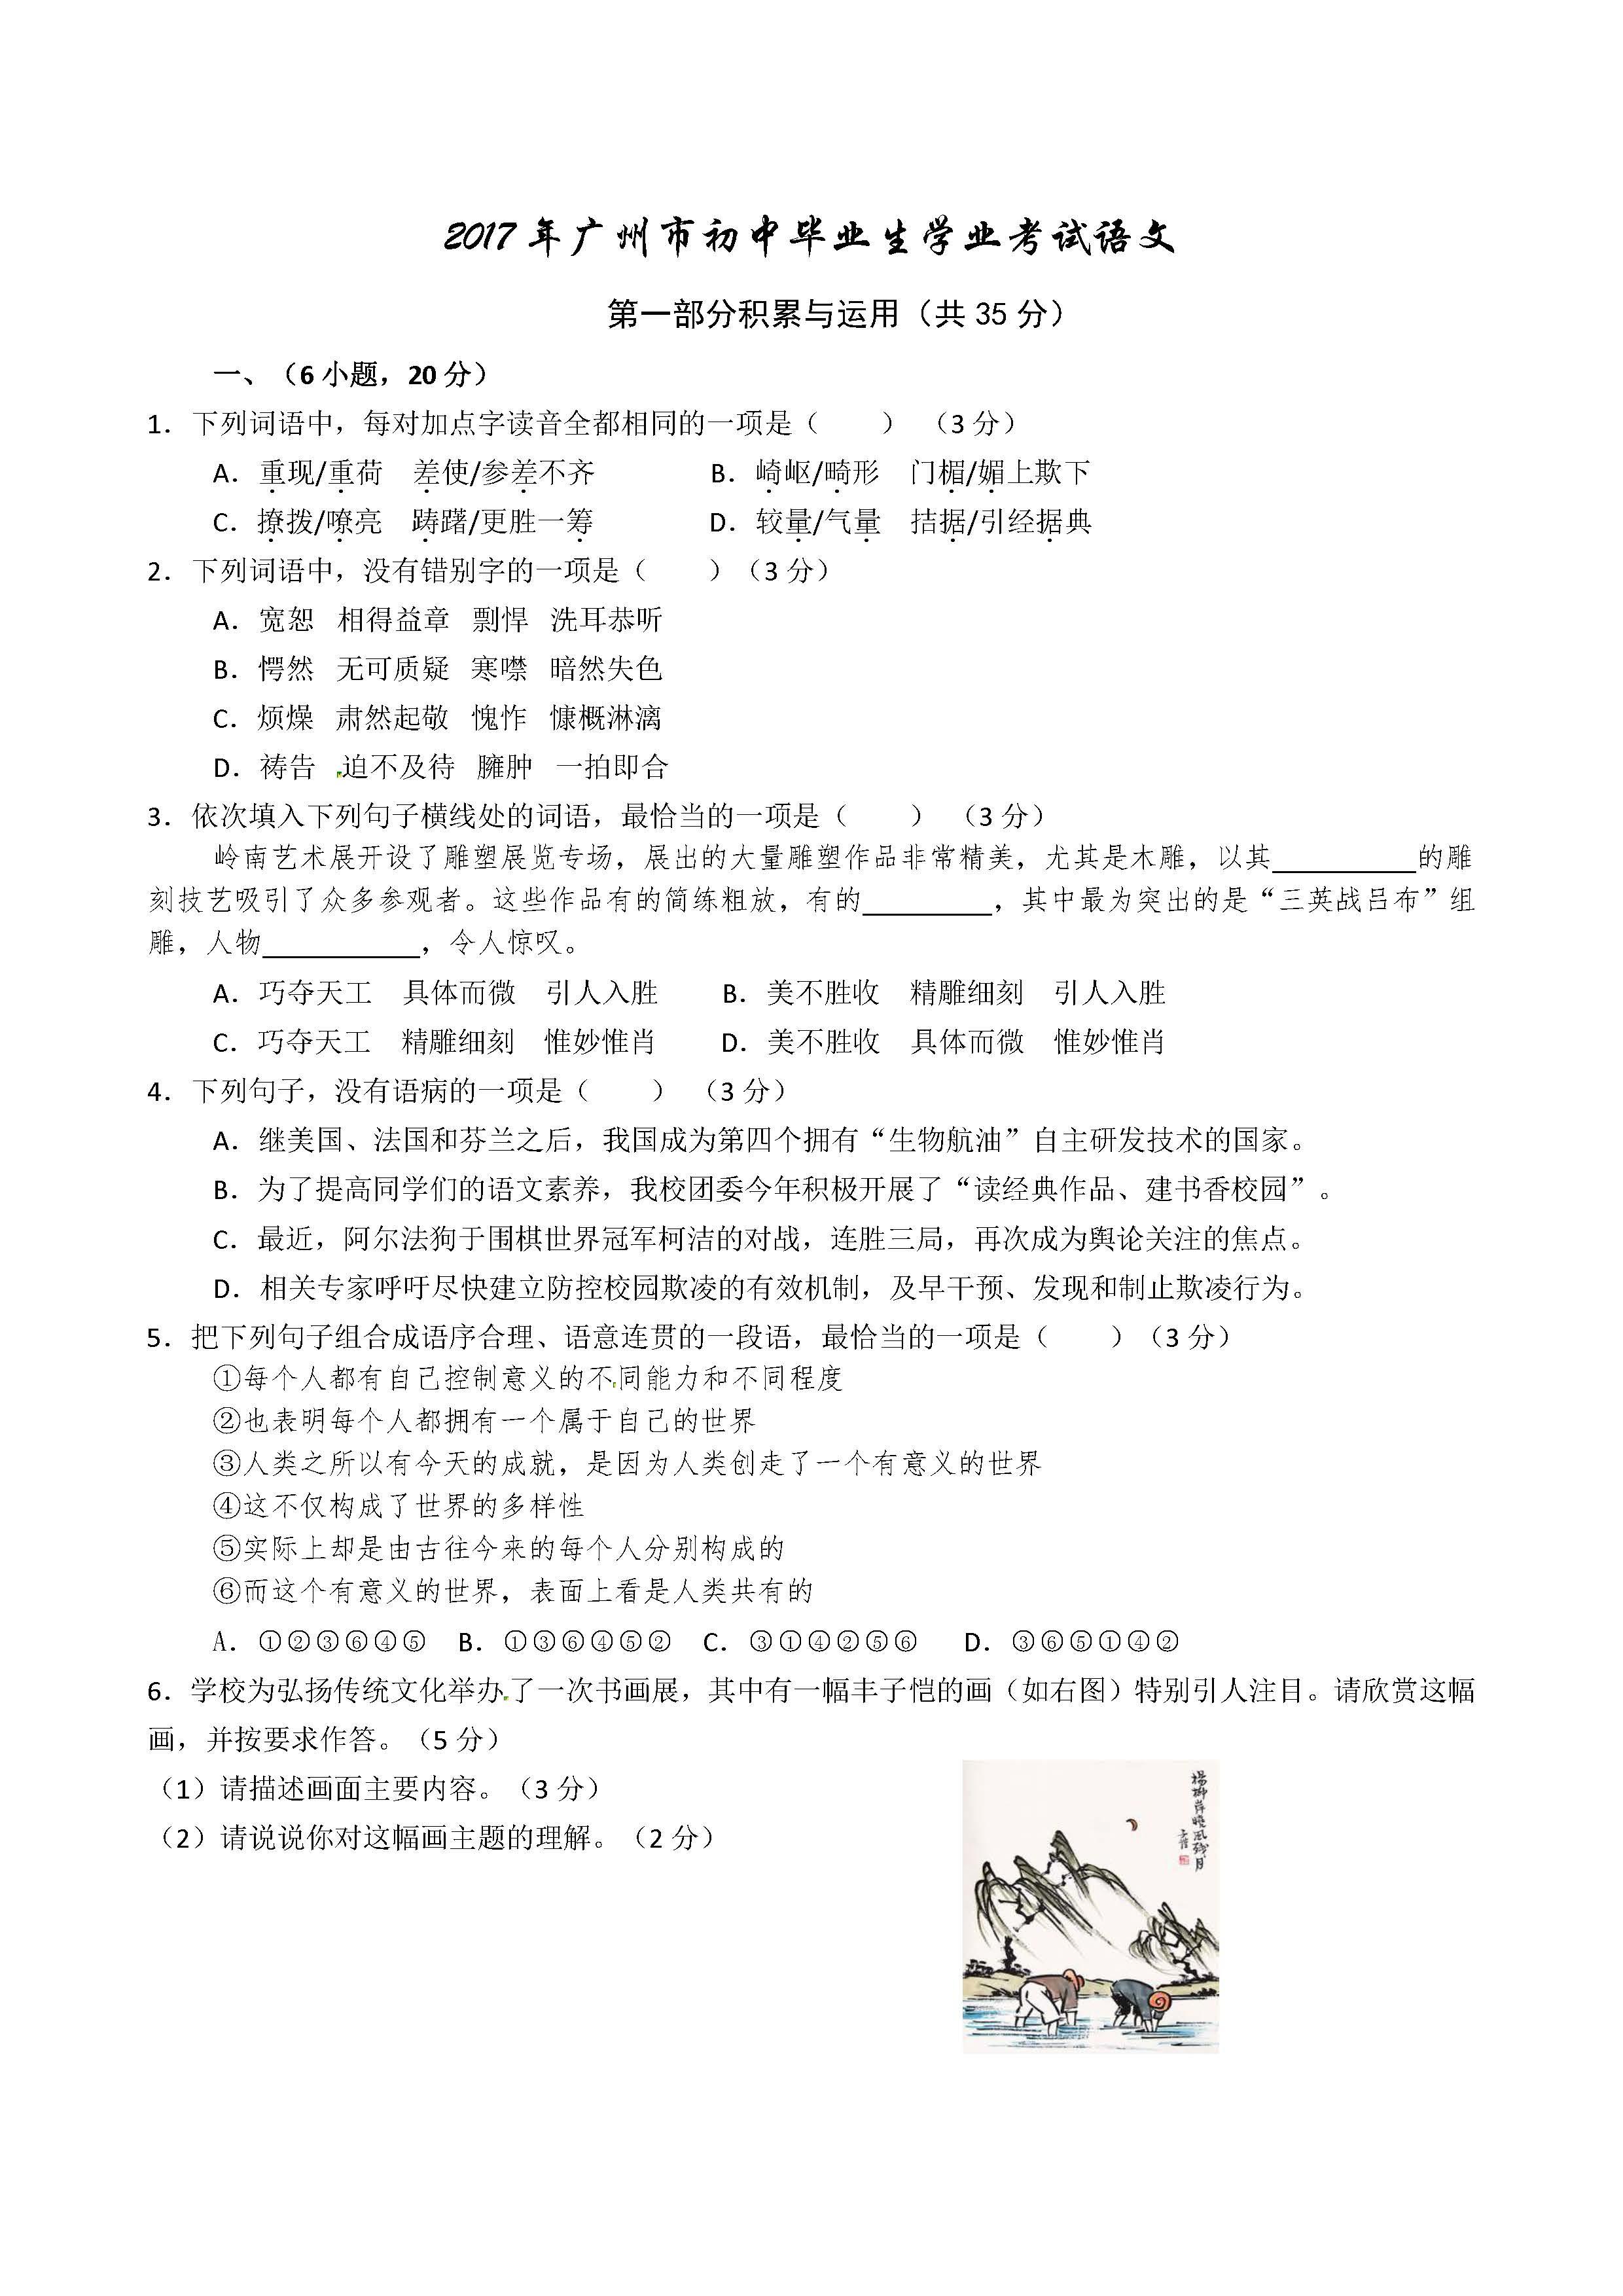 2017广州中考语文试题及答案解析(图片版含答案)